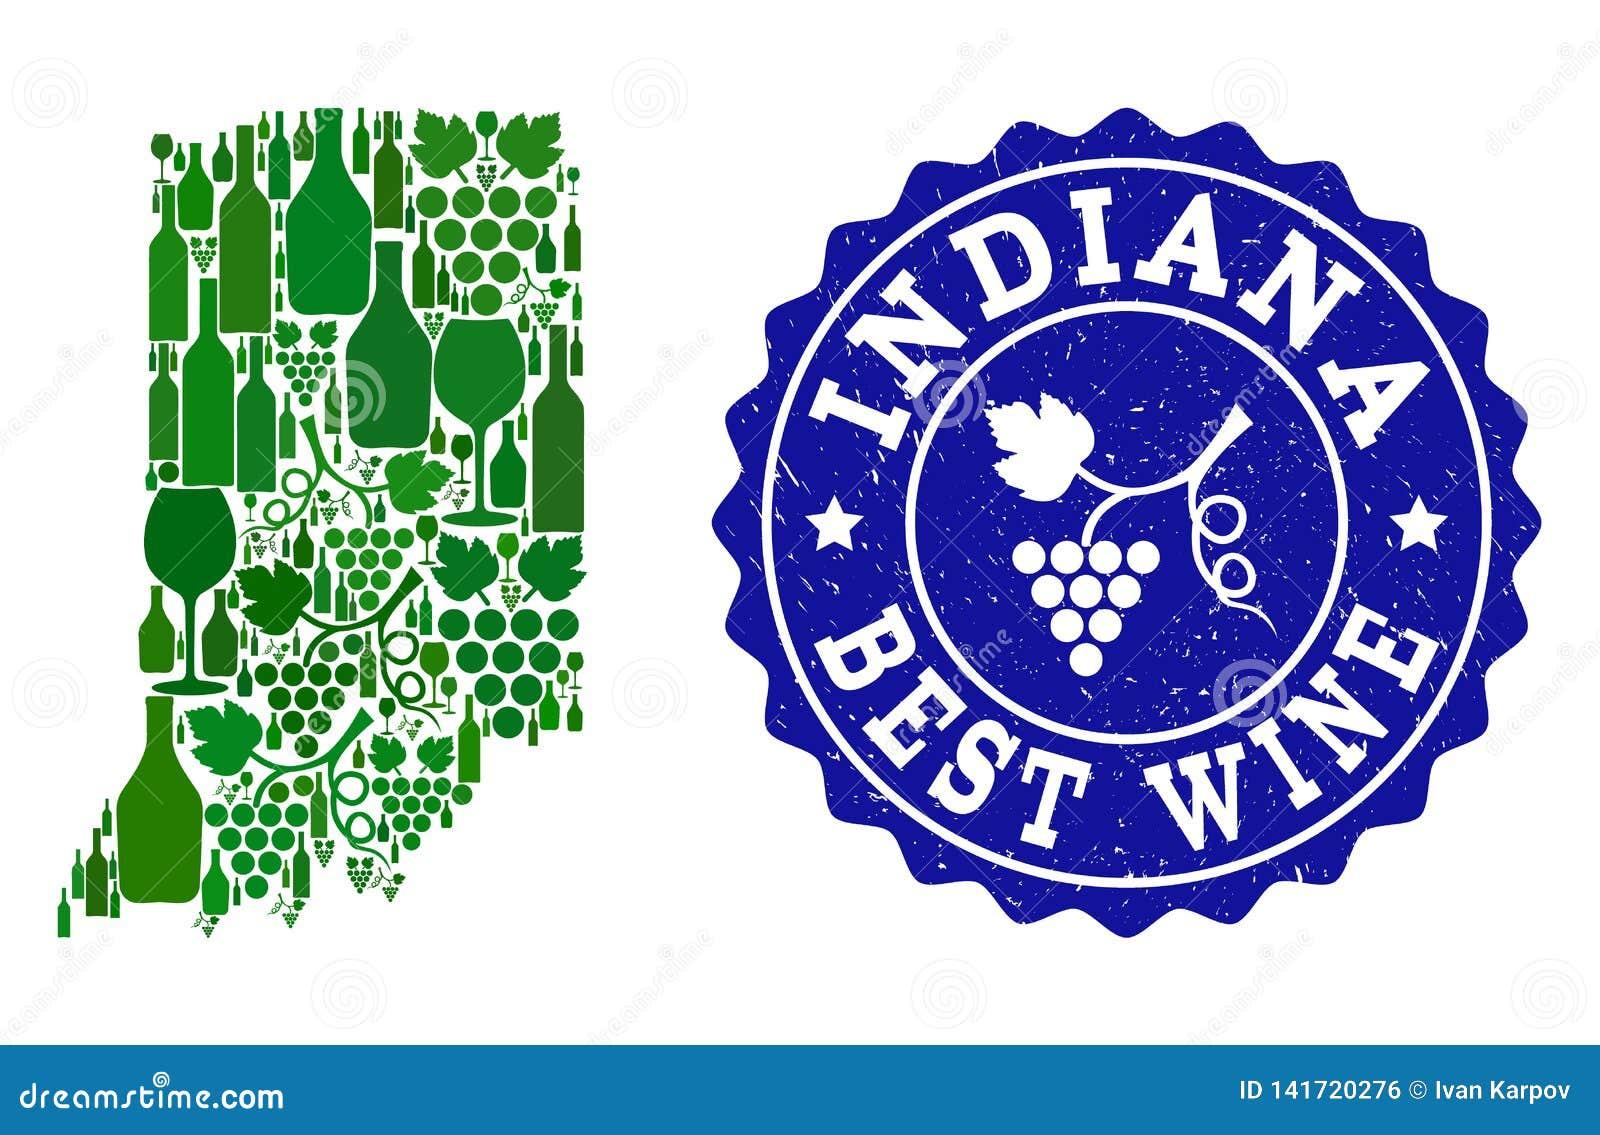 Collage der Trauben-Wein-Karte von Indiana State und von bestem Wein-Schmutz-Wasserzeichen